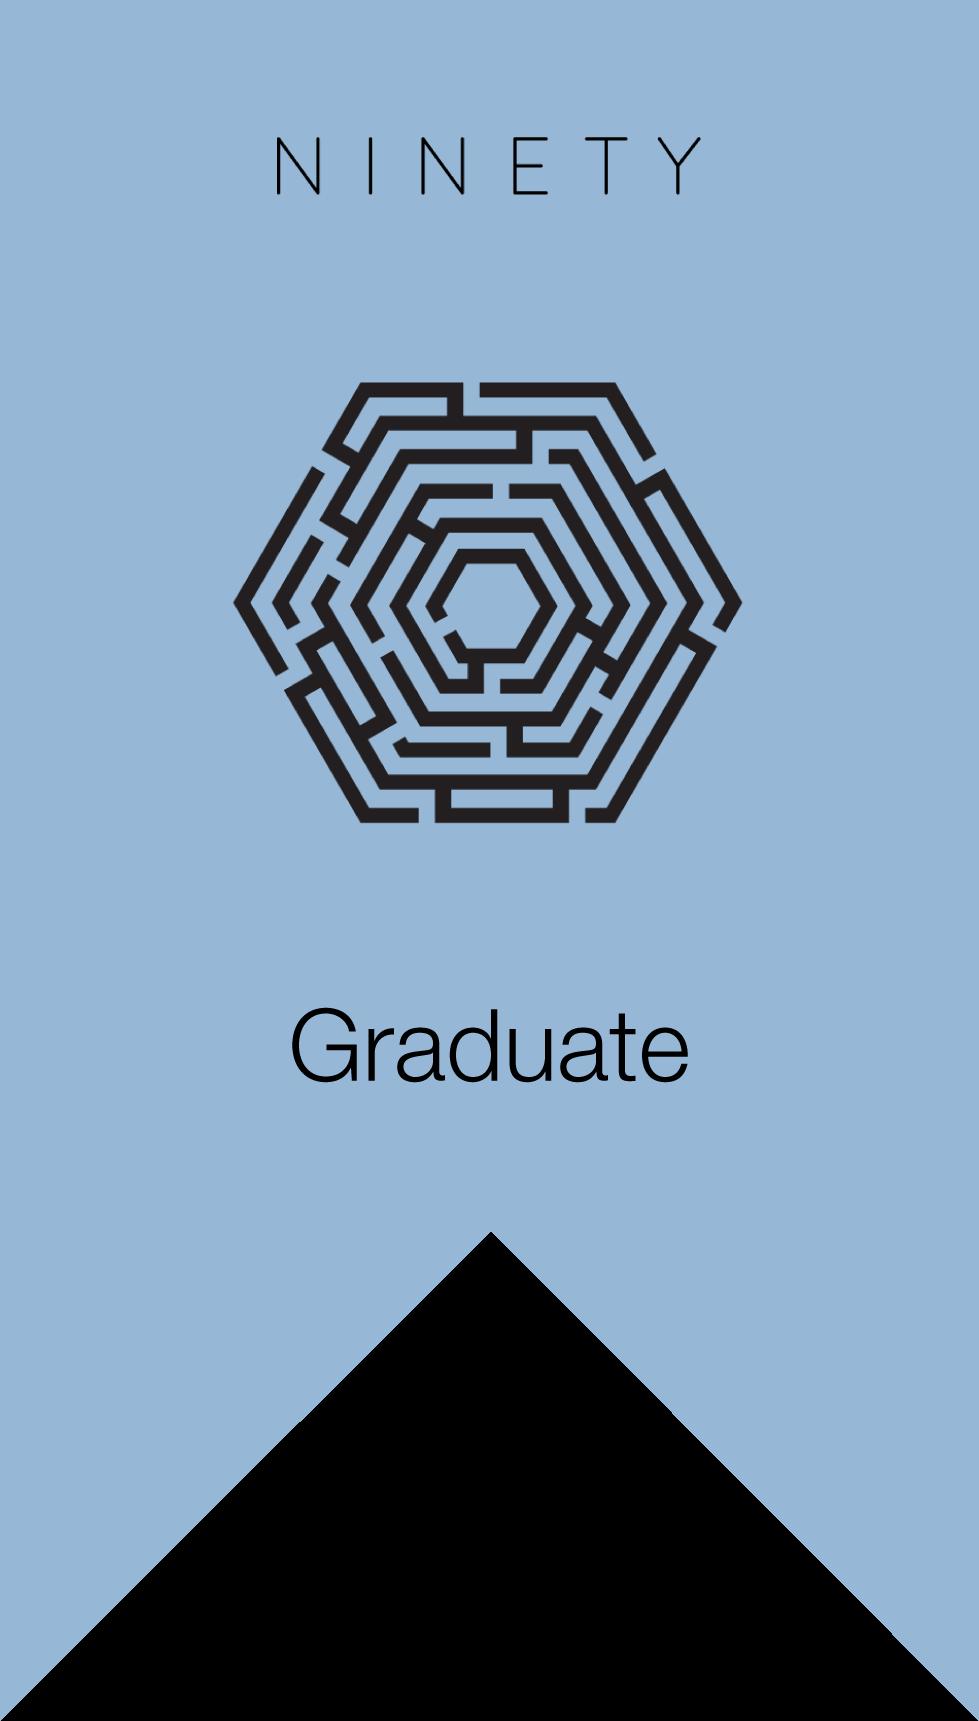 Career Dilemma Graduate